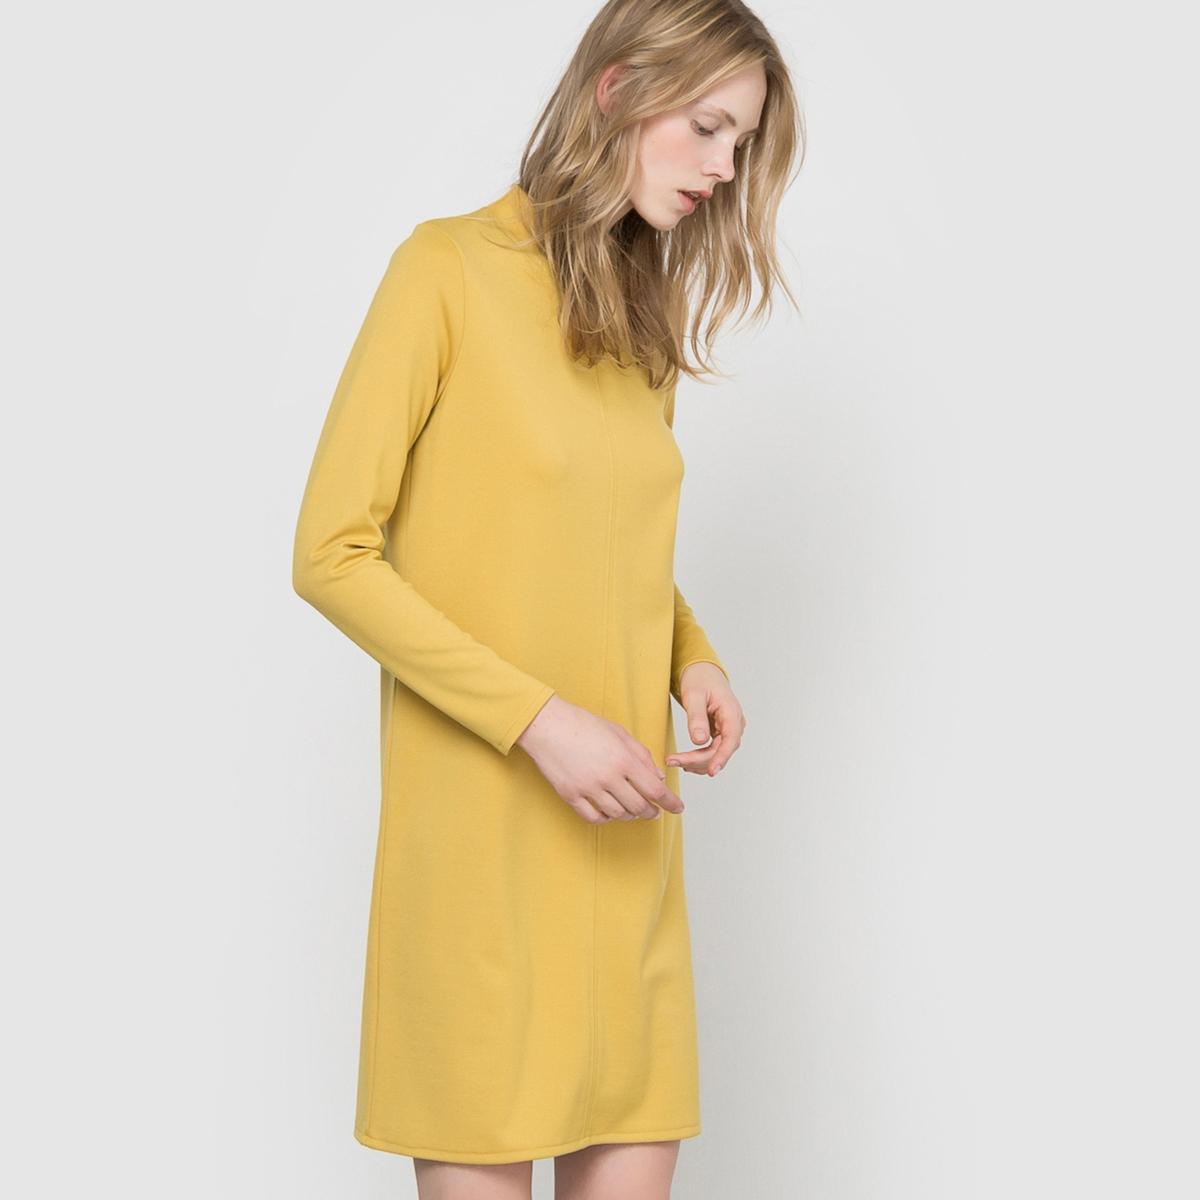 Платье из плотного трикотажаСостав и описаниеМарка: R Essentiel.Длина: 90 см.Материалы: 75% полиэстера, 20% вискозы, 5% эластана.УходСтирать при 30°Cс вещамиподобныхцветов. Стирать, сушить и гладить с изнаночной стороны.Гладить при низкой температуре.Машинная сушка запрещена.<br><br>Цвет: желто-коричневый,черный<br>Размер: 42/44 (FR) - 48/50 (RUS)